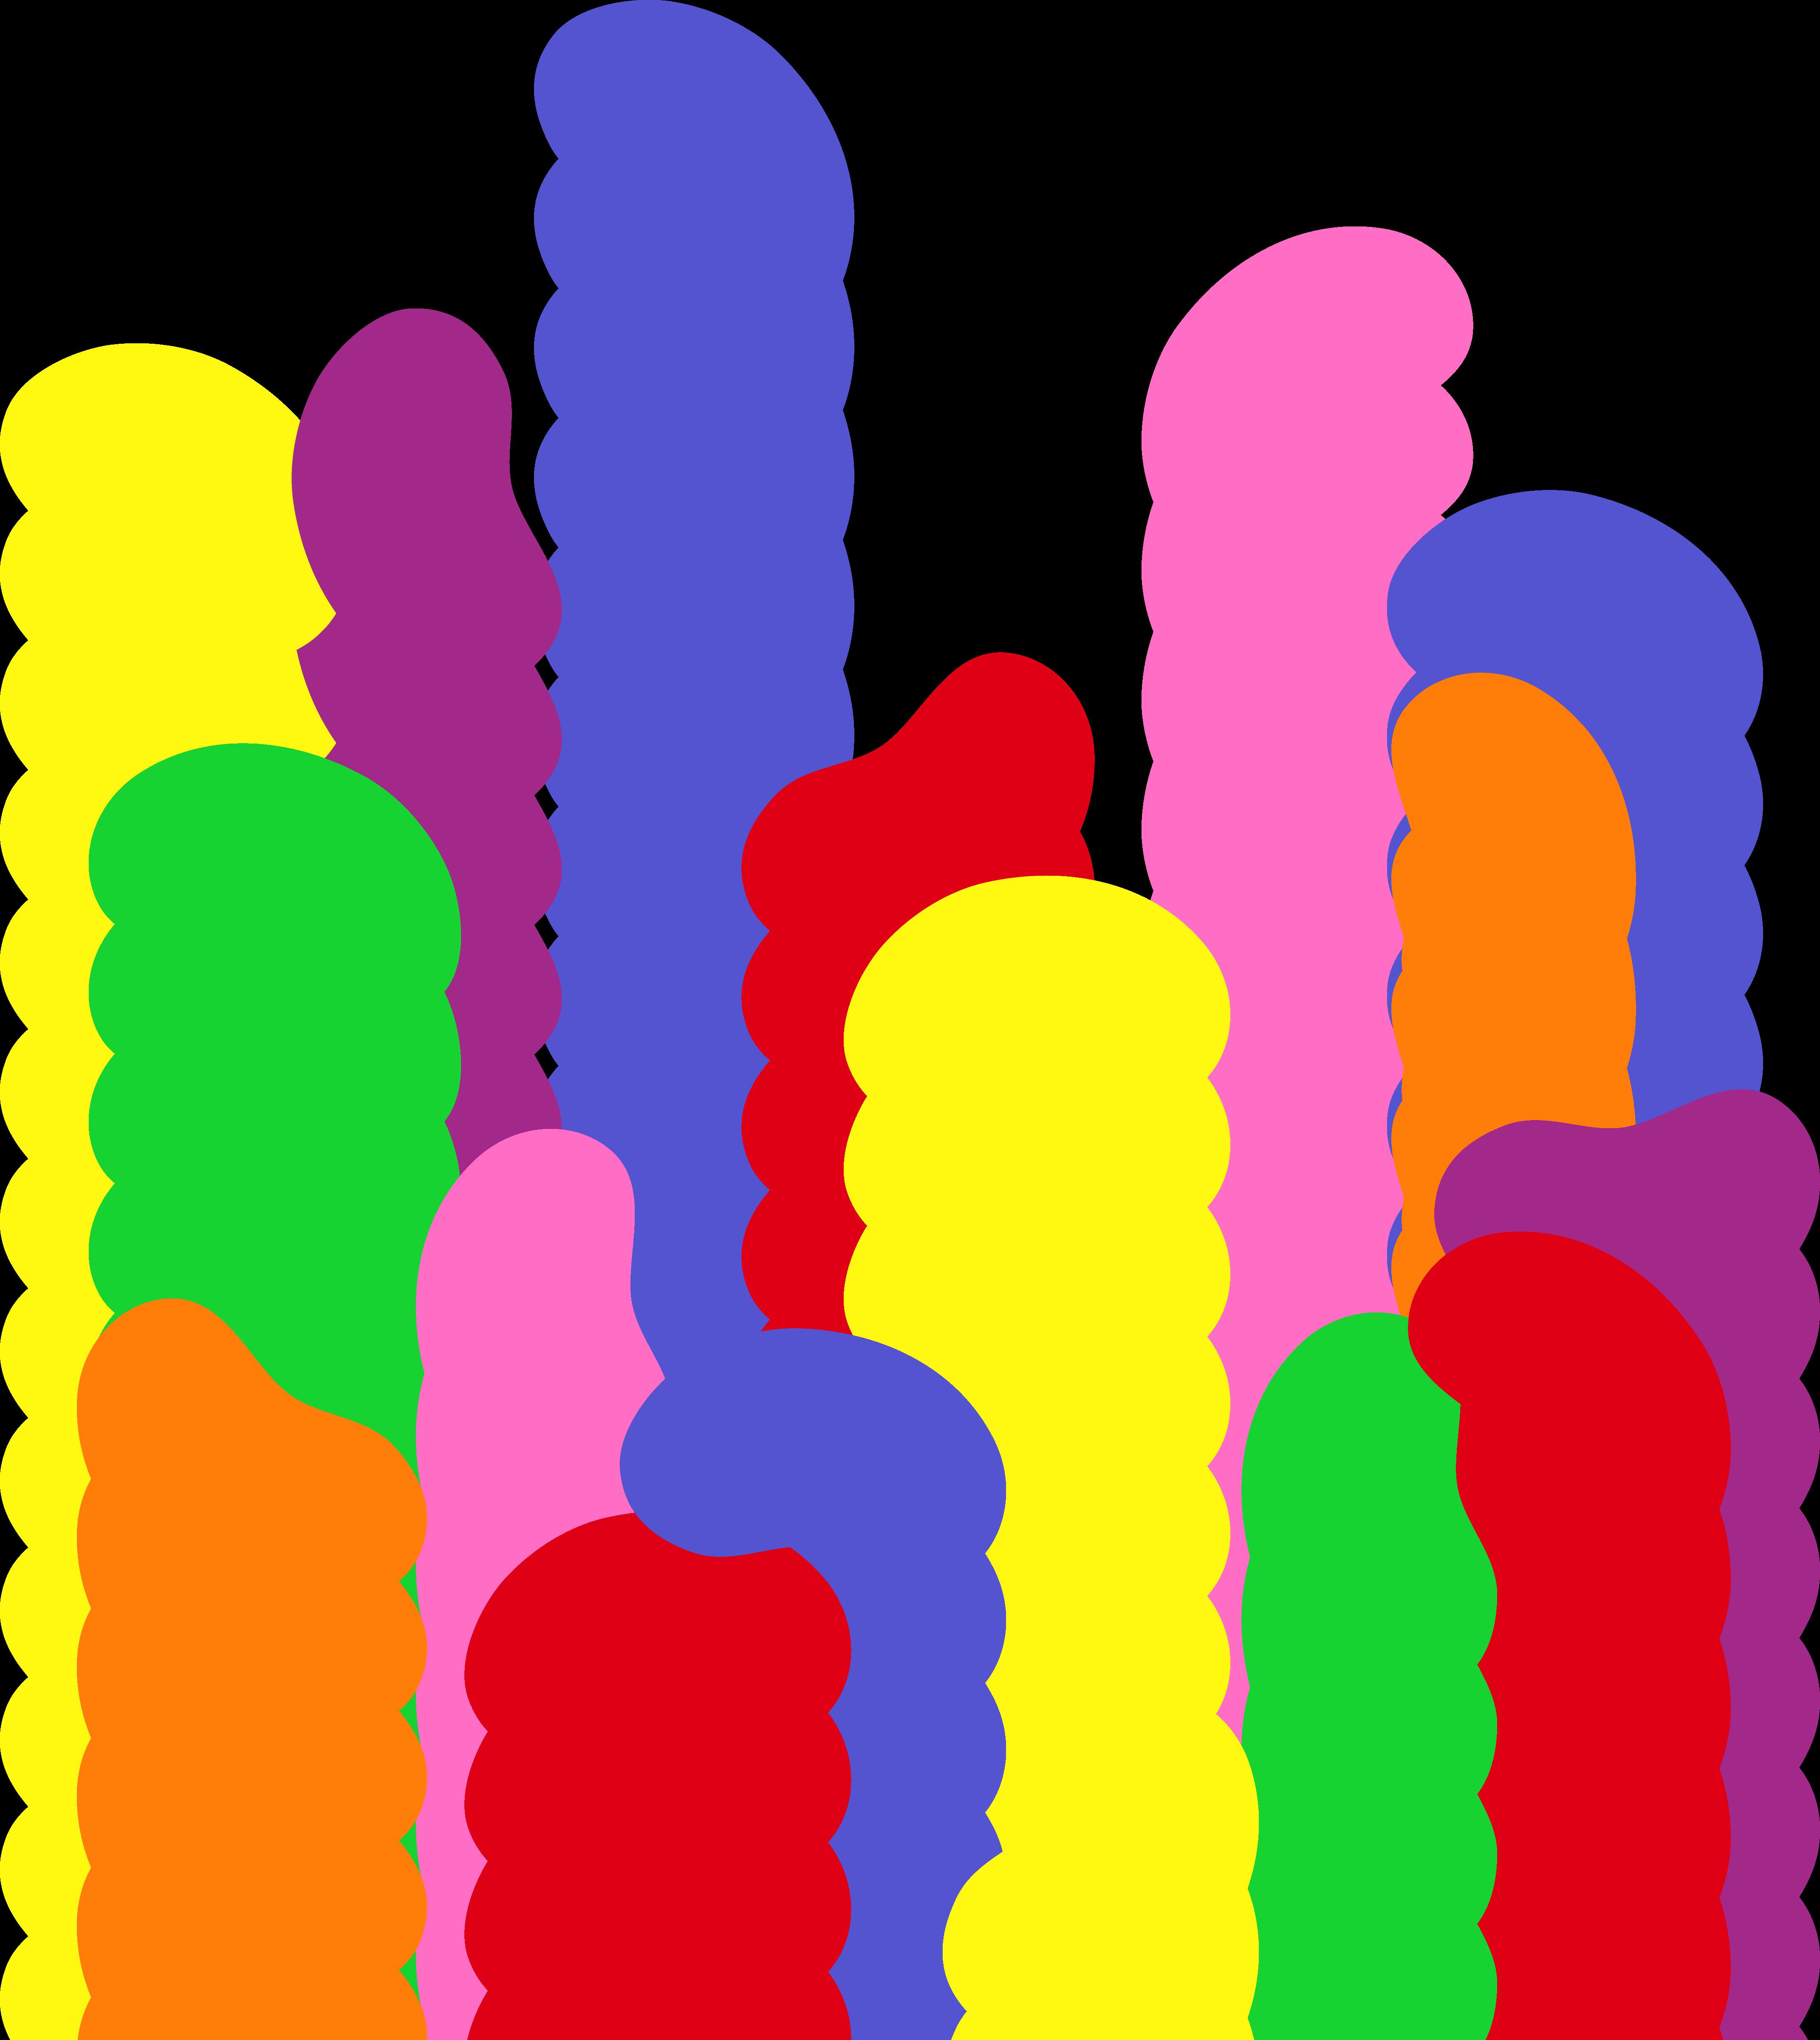 4284x4801 Simple Rainbow Jelly Beans